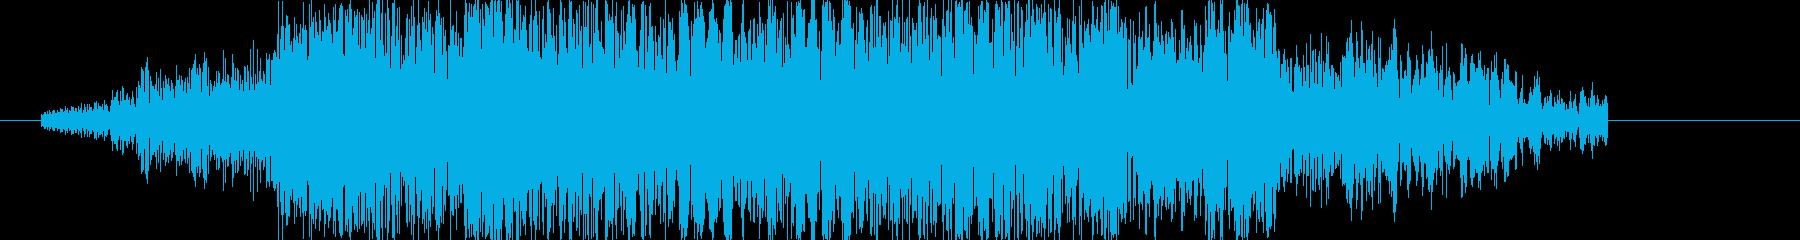 刀や剣の斬撃音 2の再生済みの波形